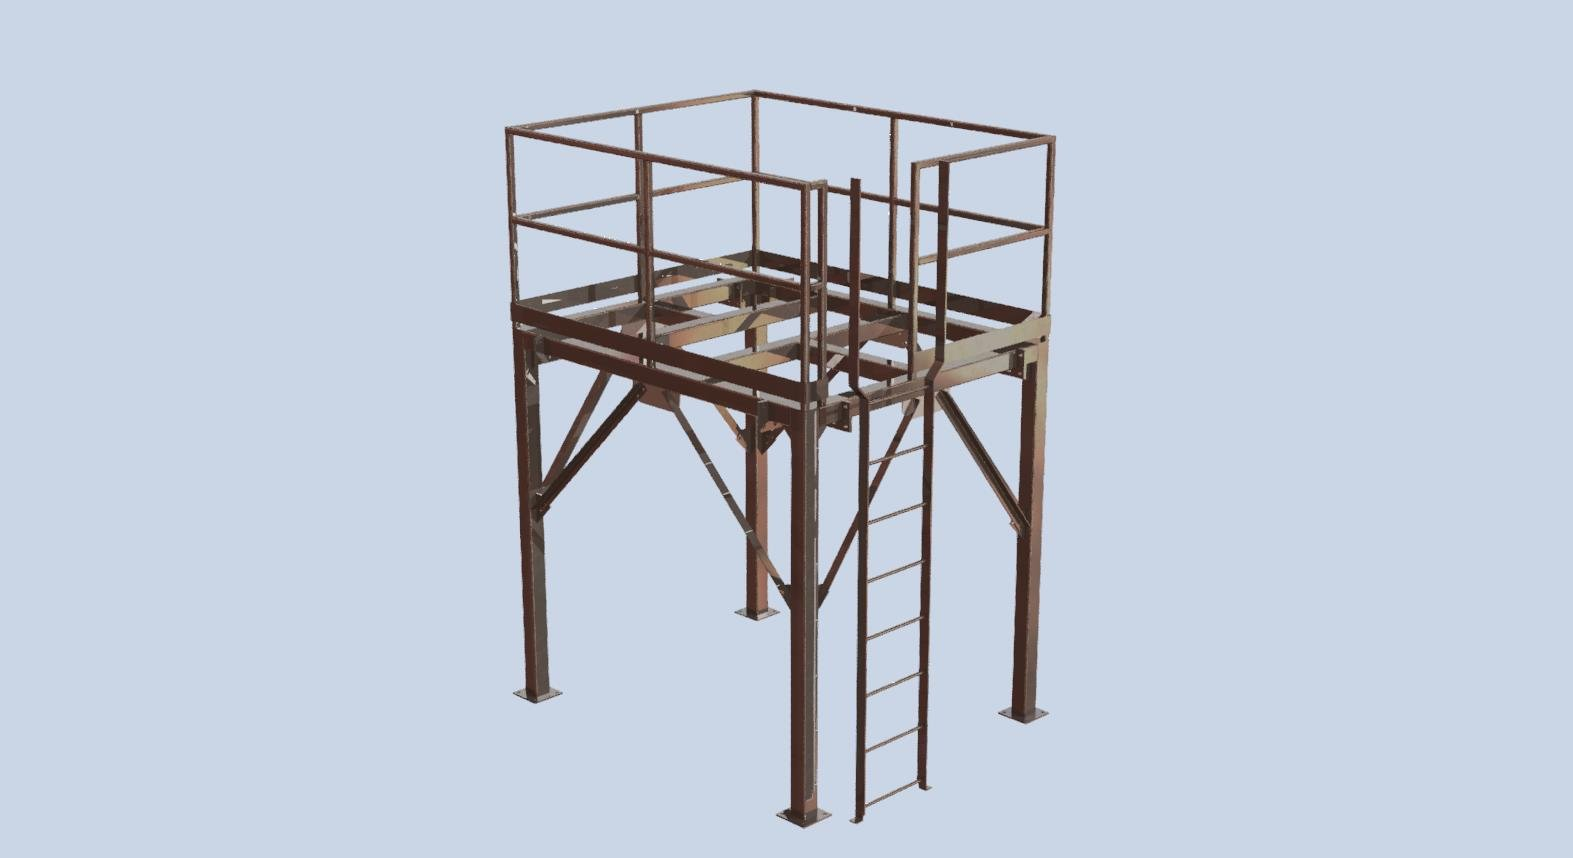 https://0201.nccdn.net/1_2/000/000/0b4/98f/basement-metal-detector-access-platform--002-.jpg